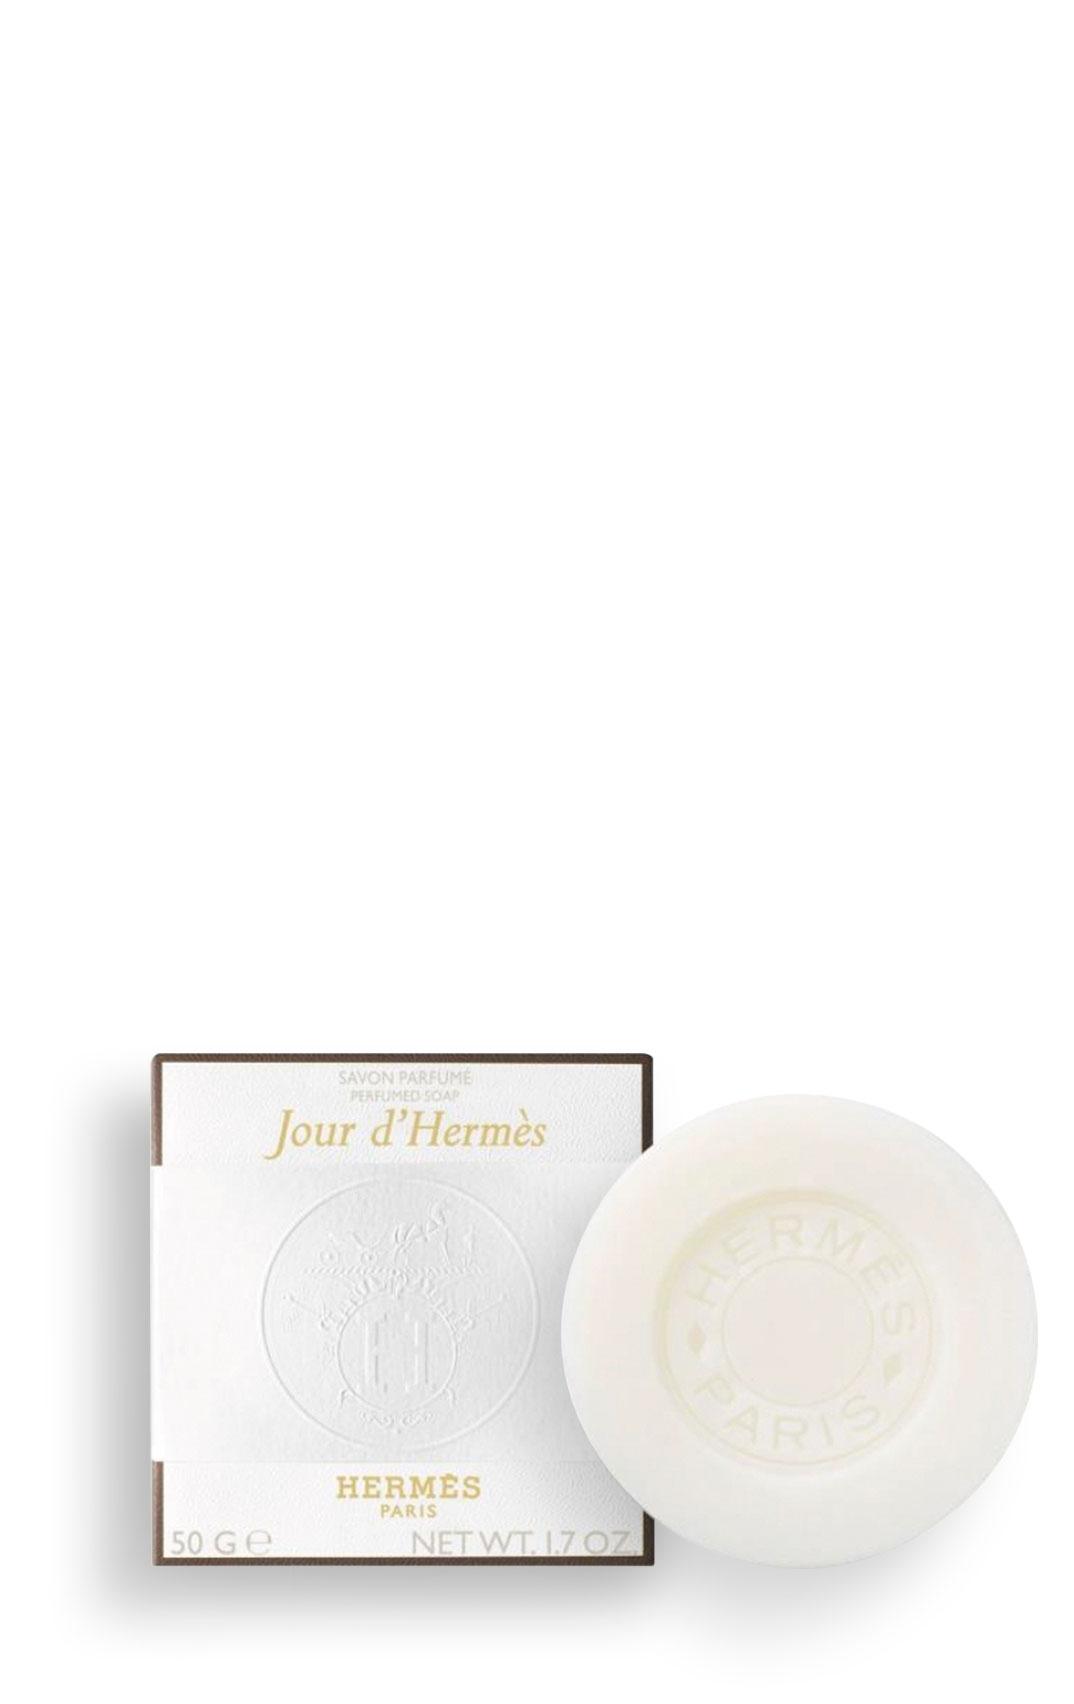 Hermès - Jour d'Hermès - Savon Parfumé 50 gr.